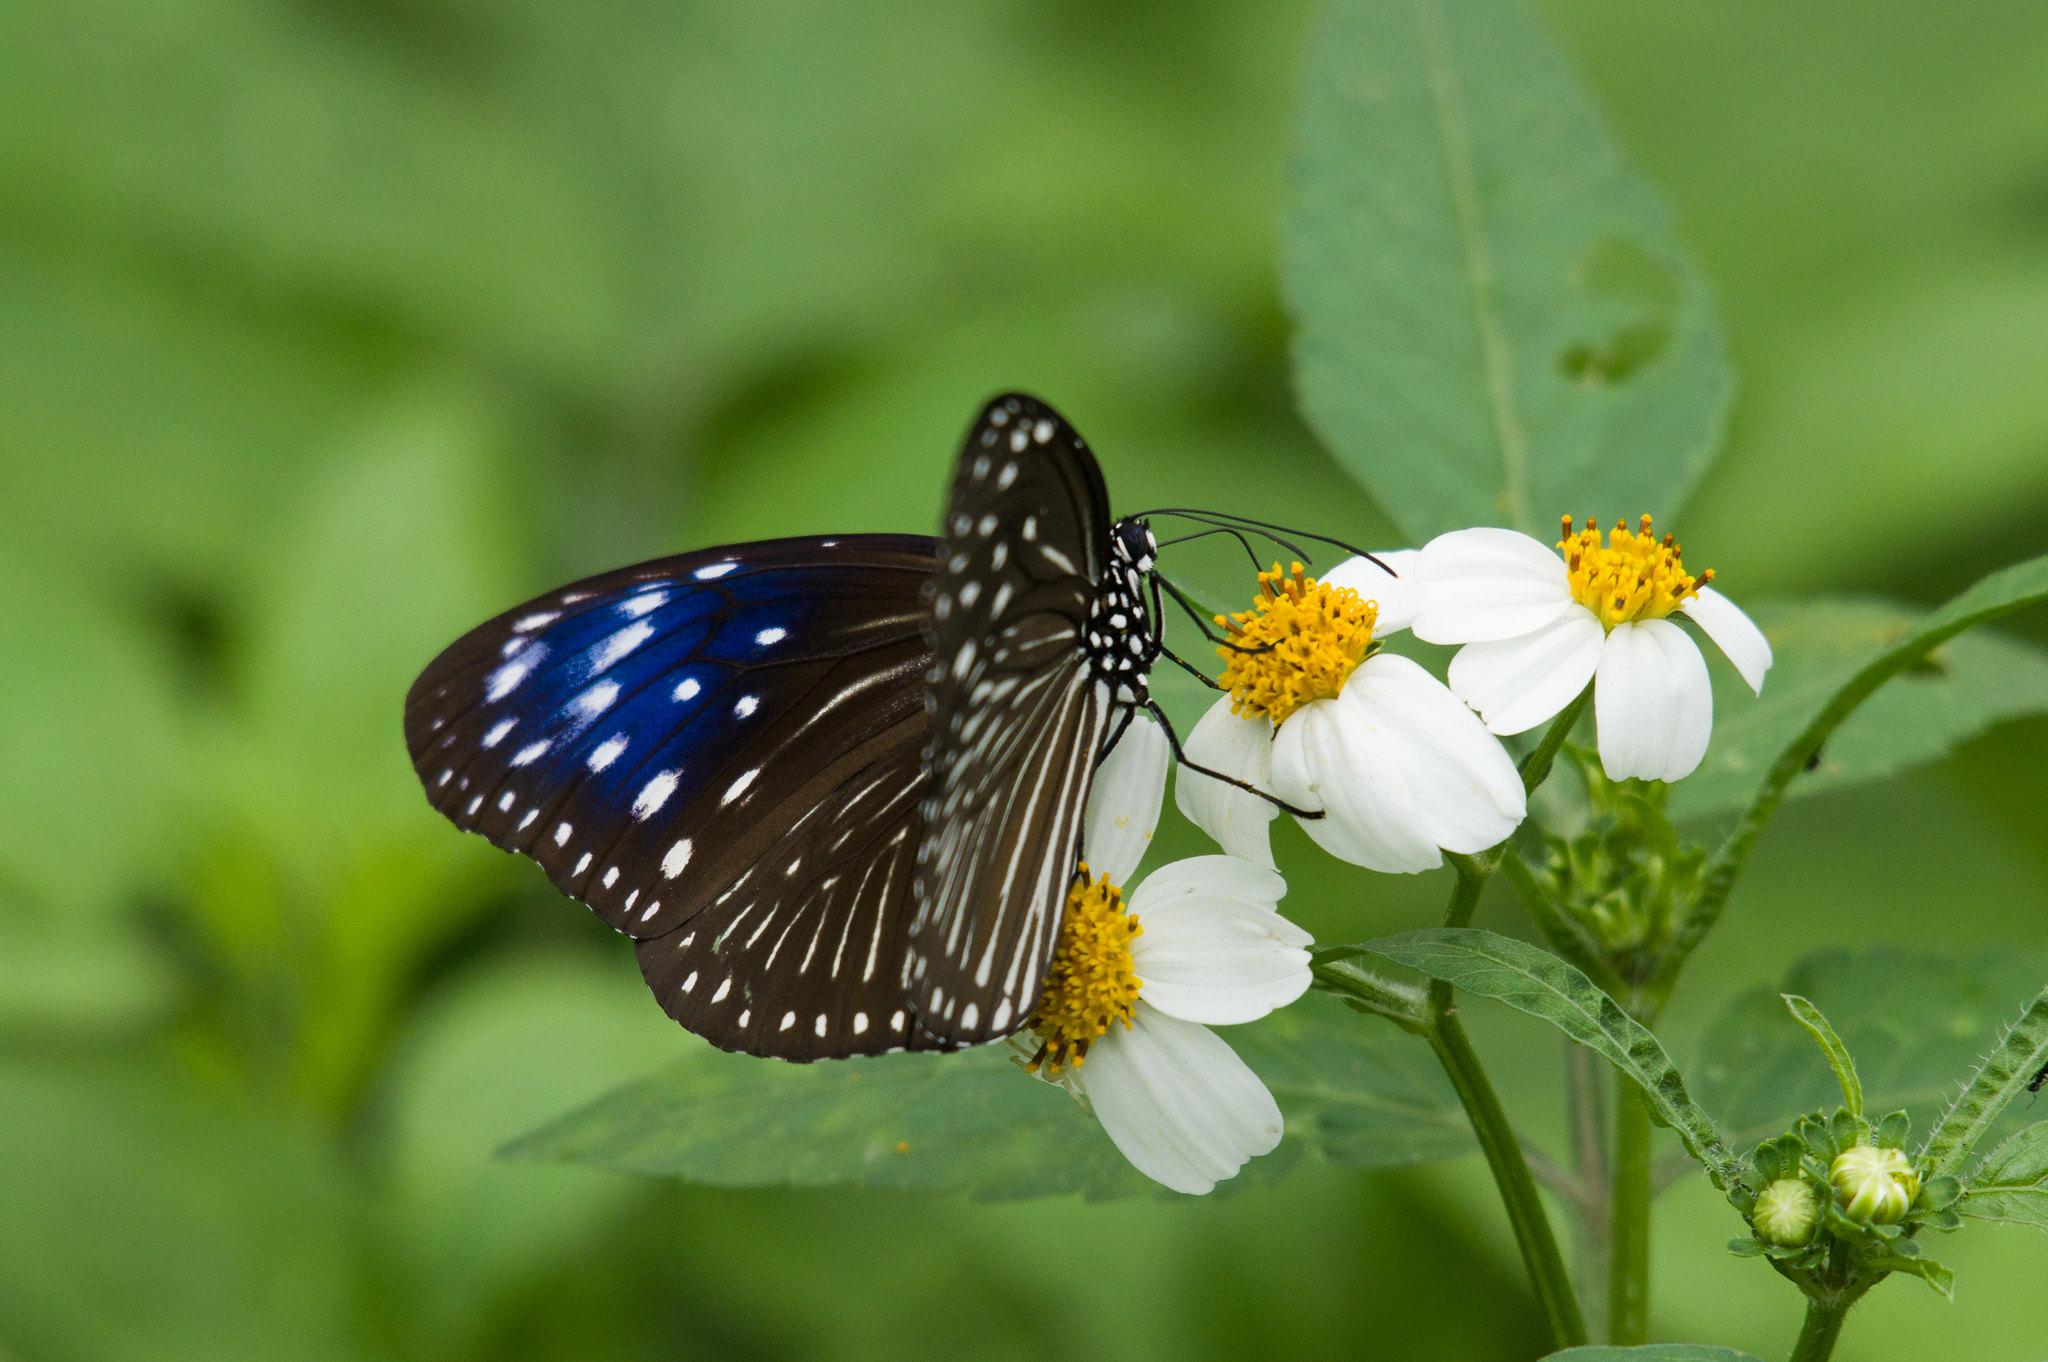 端紫斑蝶母蝶